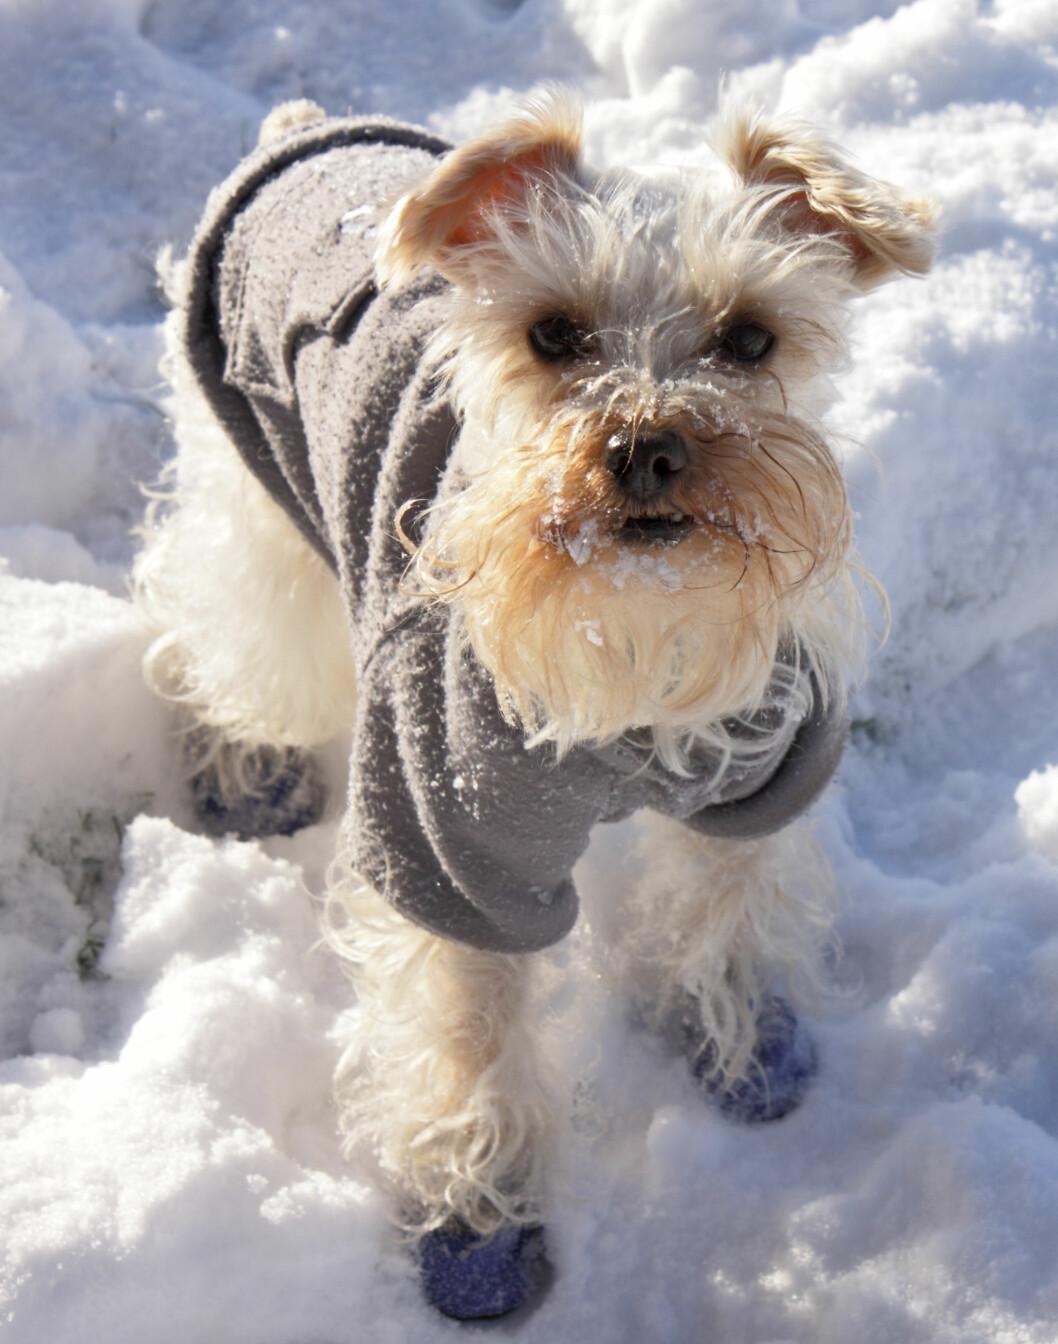 <b>KLE PÅ DEM!</b> Det er ikke alle hunder som tåler kulde like godt. Her spiller pels, underhudsfett og metabolisme inn. Husk bekledning som varmer - til forskjell for bekledning for utseendets skyld! Foto: SHUTTERSTOCK/JOYCE MARRERO/NTB SCANPIX